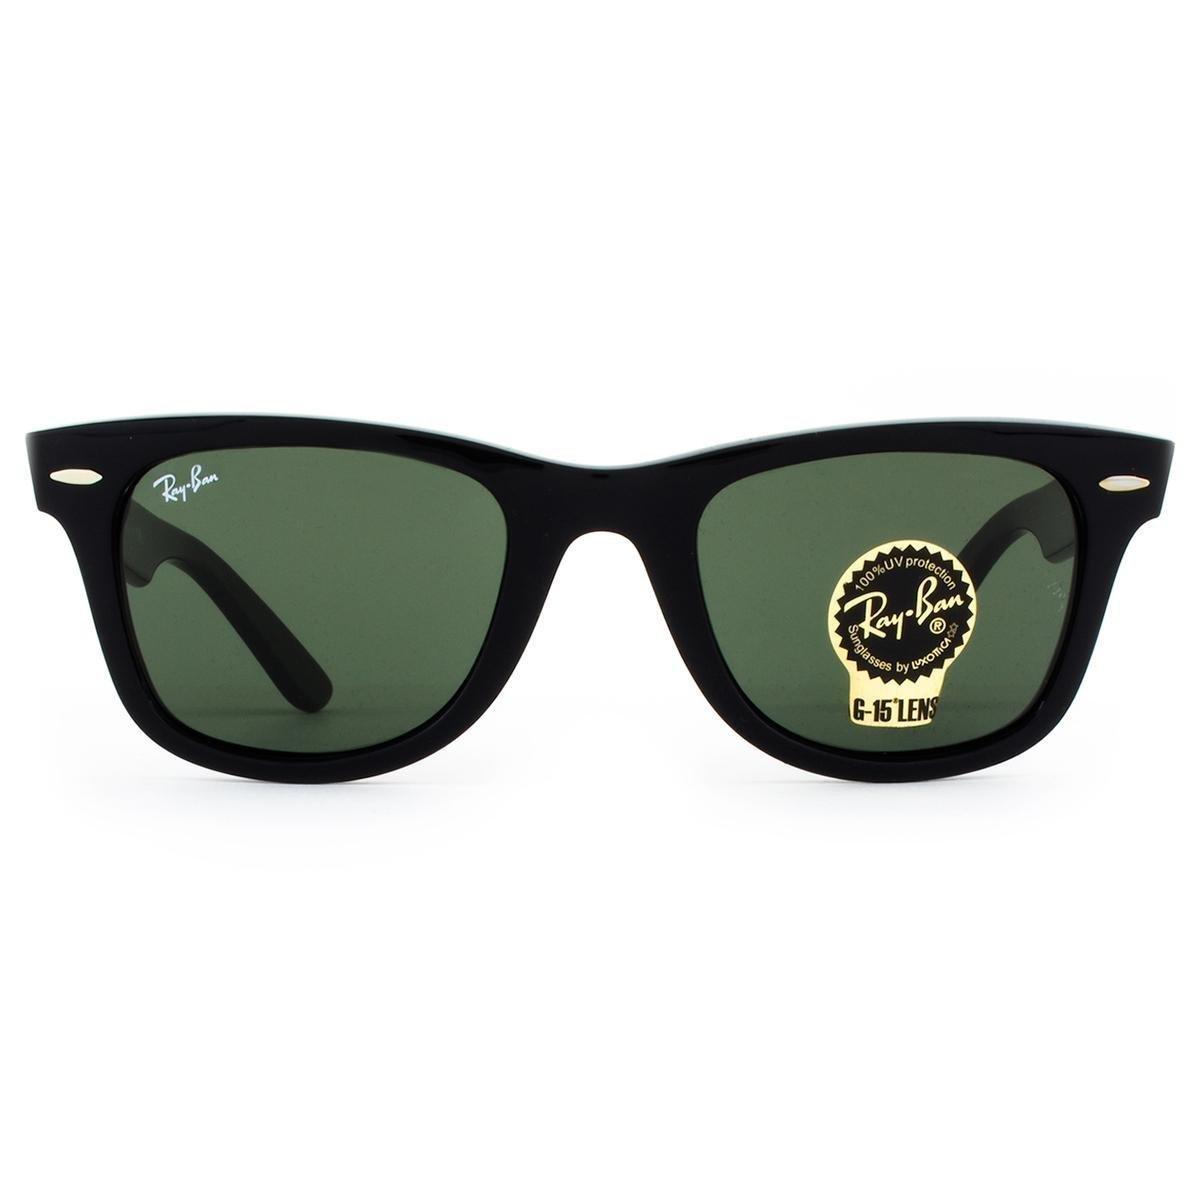 ... aliexpress Óculos de sol ray ban wayfarer classic rb2140 901 50  masculino de6d1 13715 ... aa2ecdf7b4